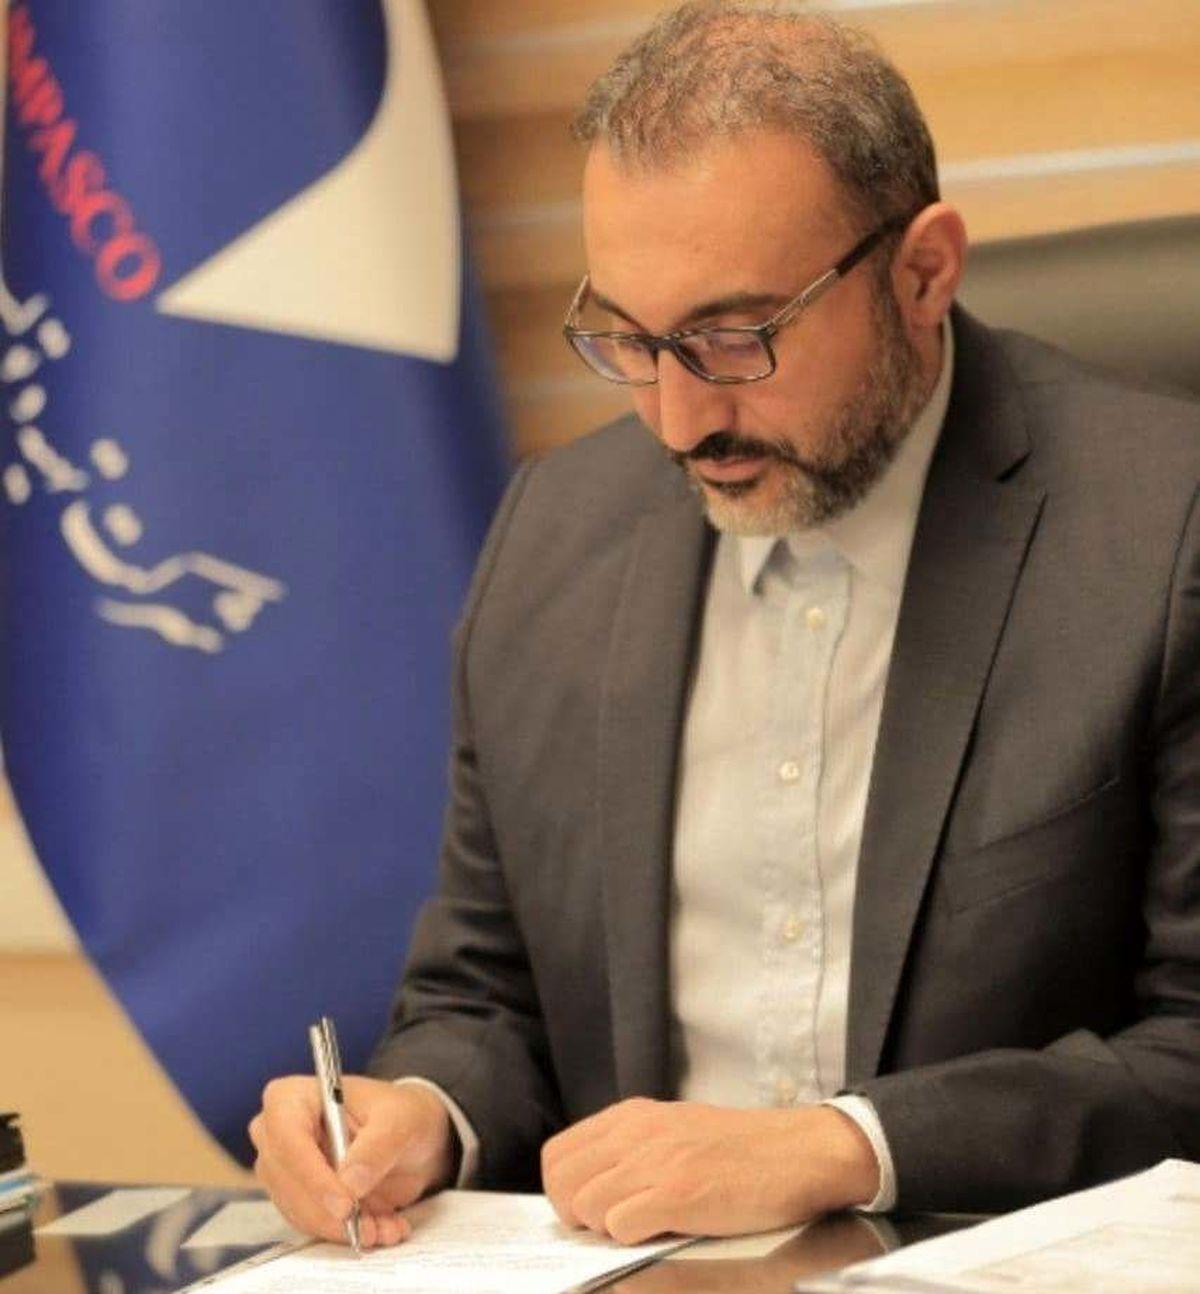 پیام مدیرعامل شرکت تهیه و تولید مواد معدنی ایران به مناسبت روز جهانی کارگر